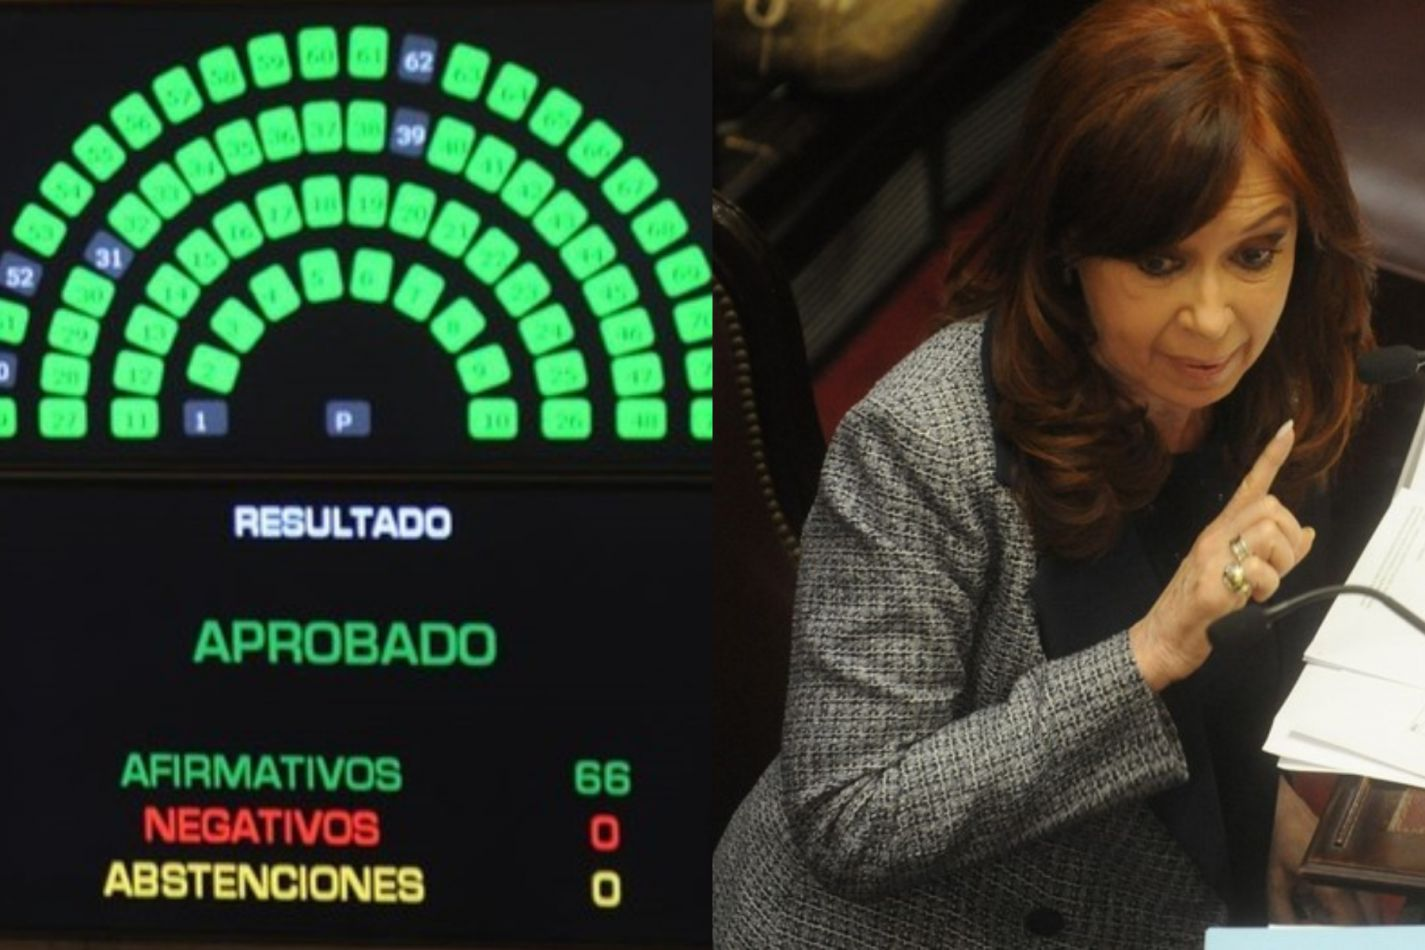 Por unanimidad, el Senado aprobó los allanamientos a las propiedades de Cristina